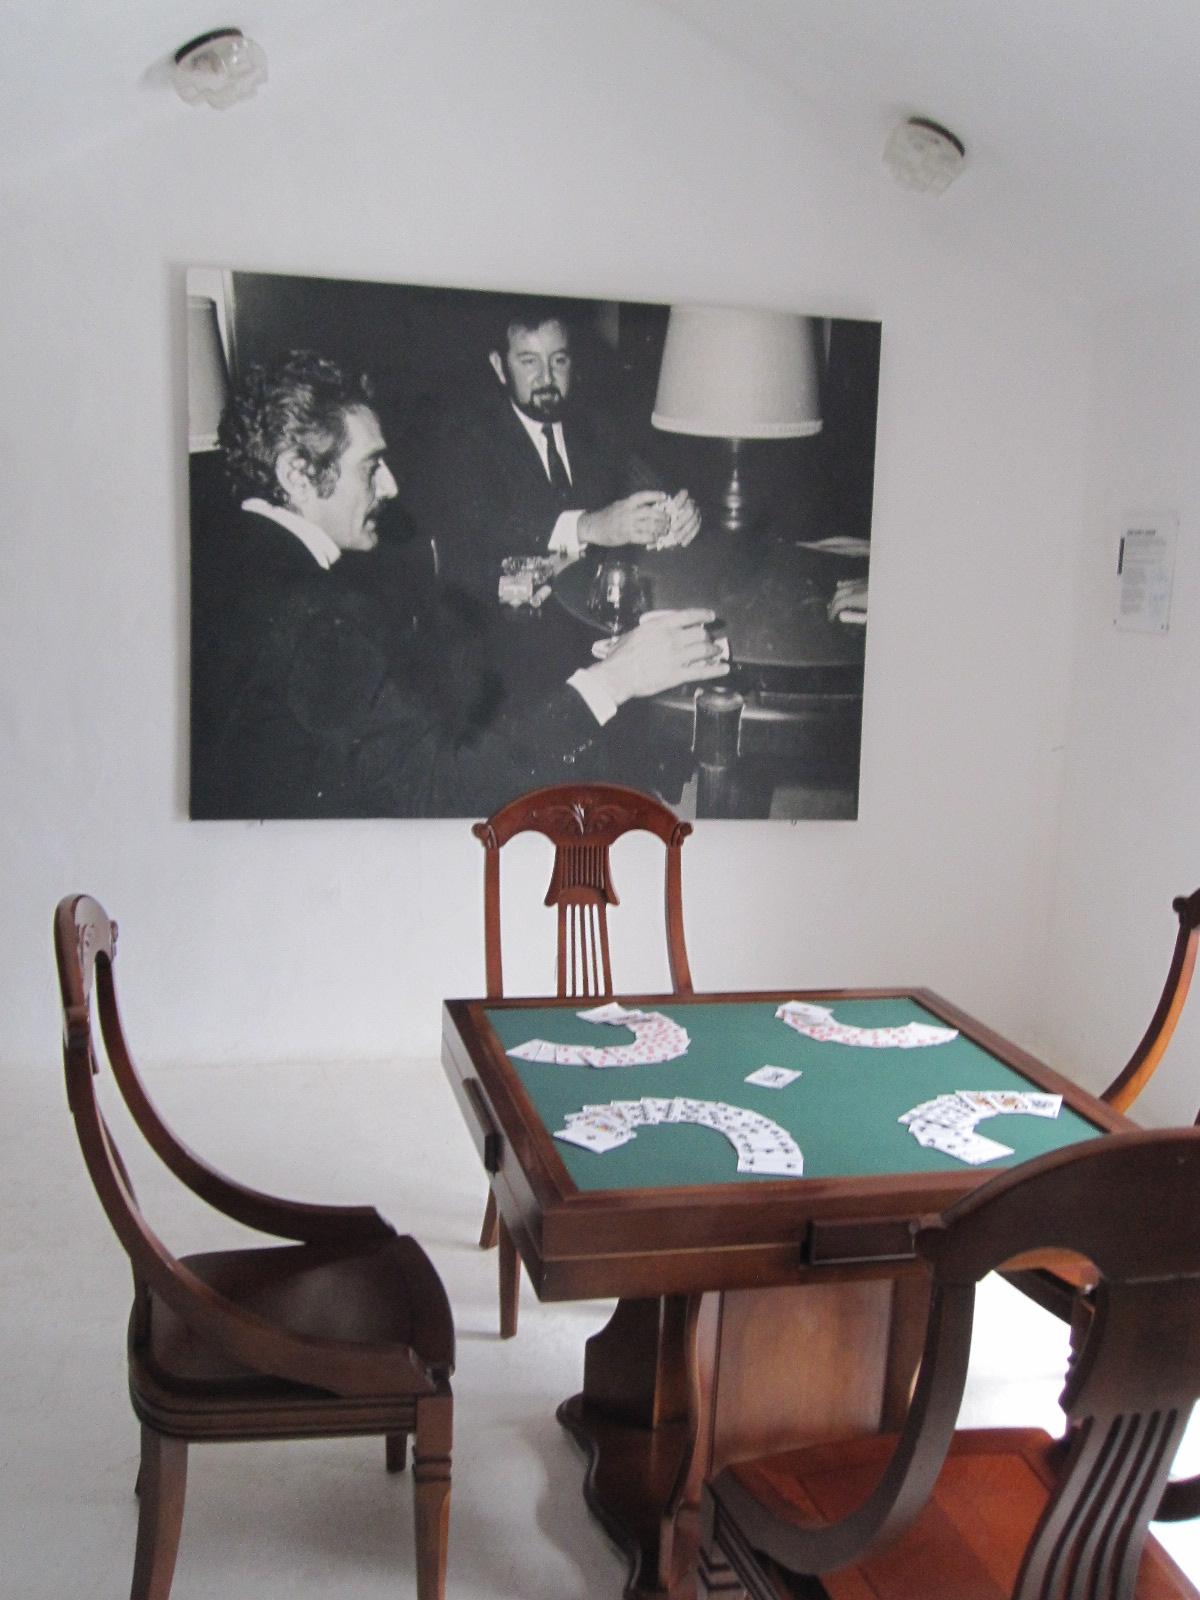 Spieltisch.JPG